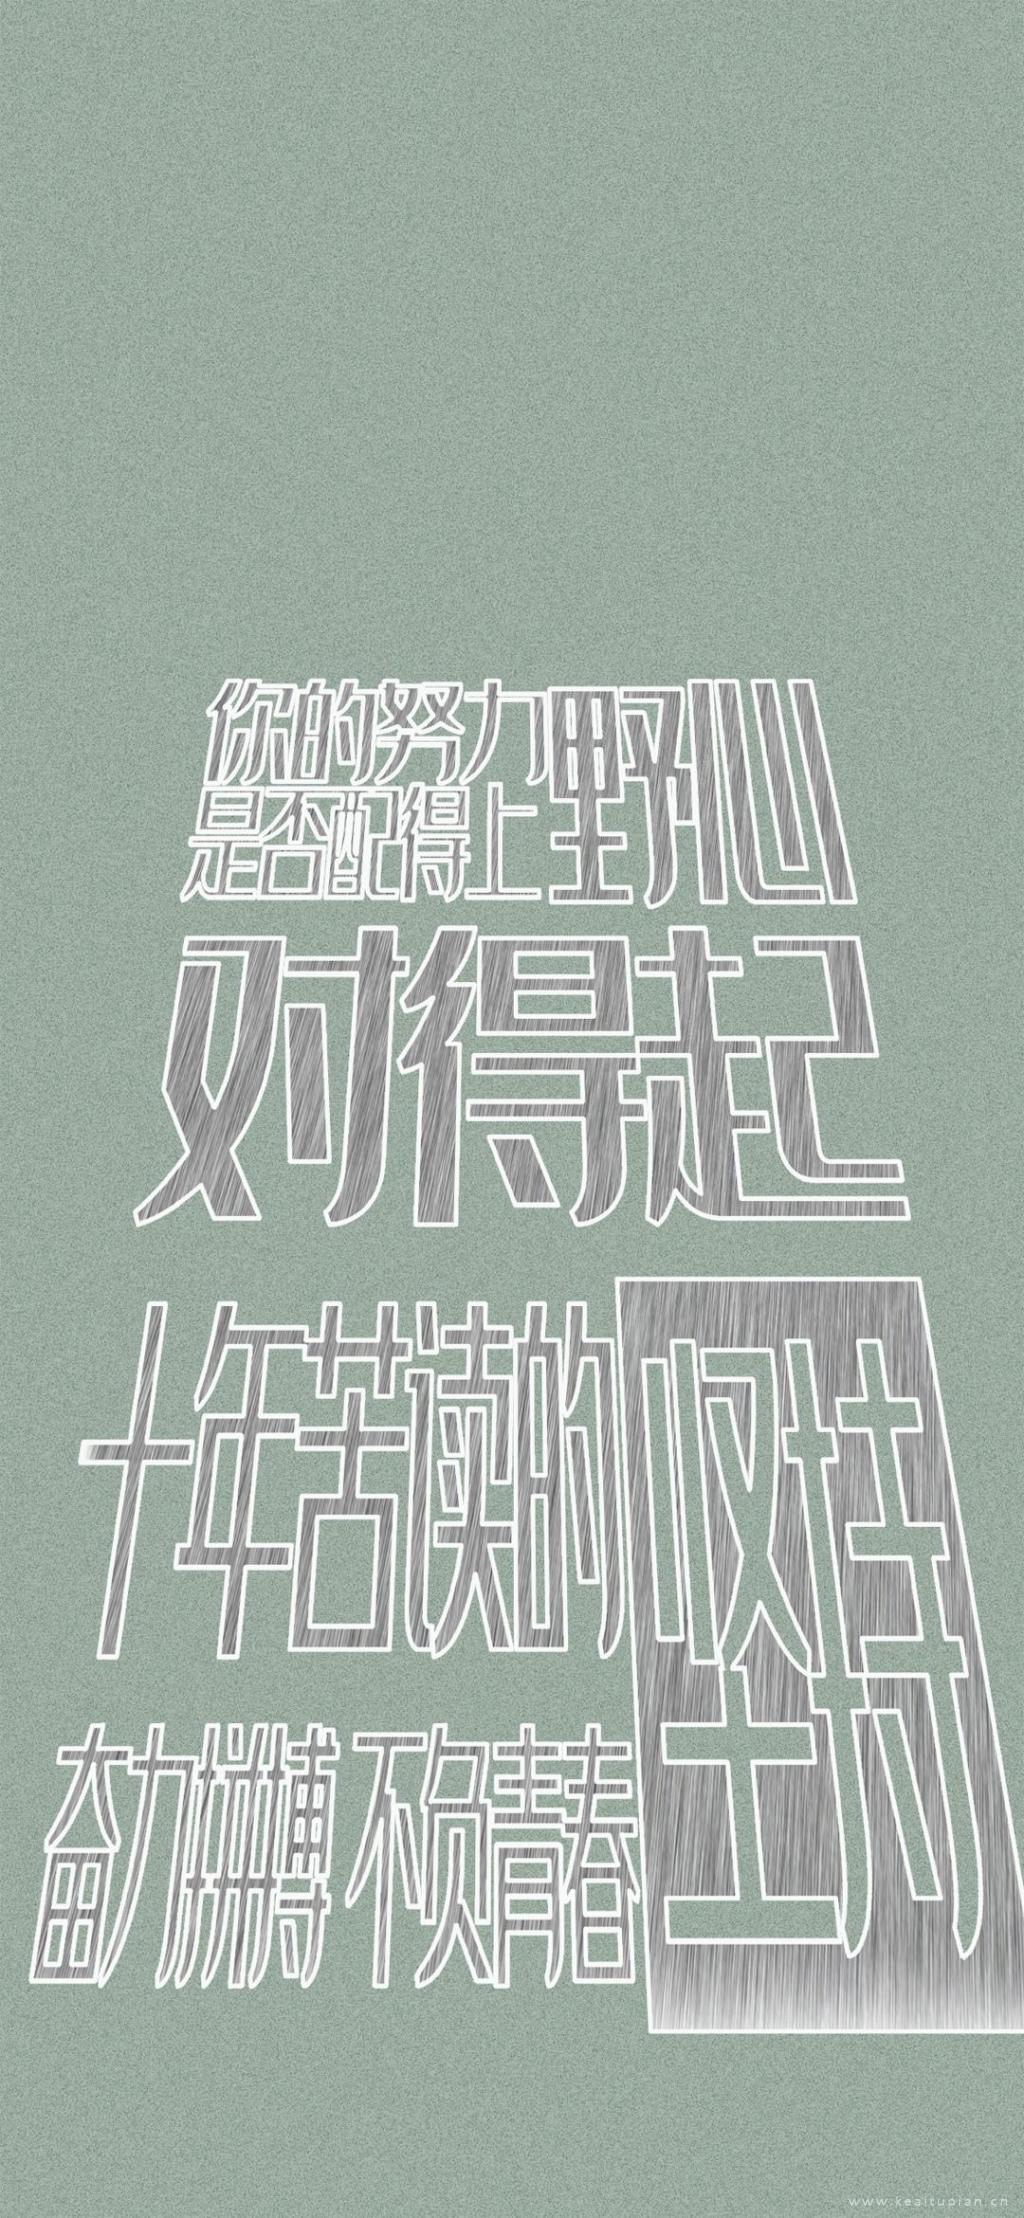 2021高考精选简约文字壁纸-奋斗拼搏励志语录图片